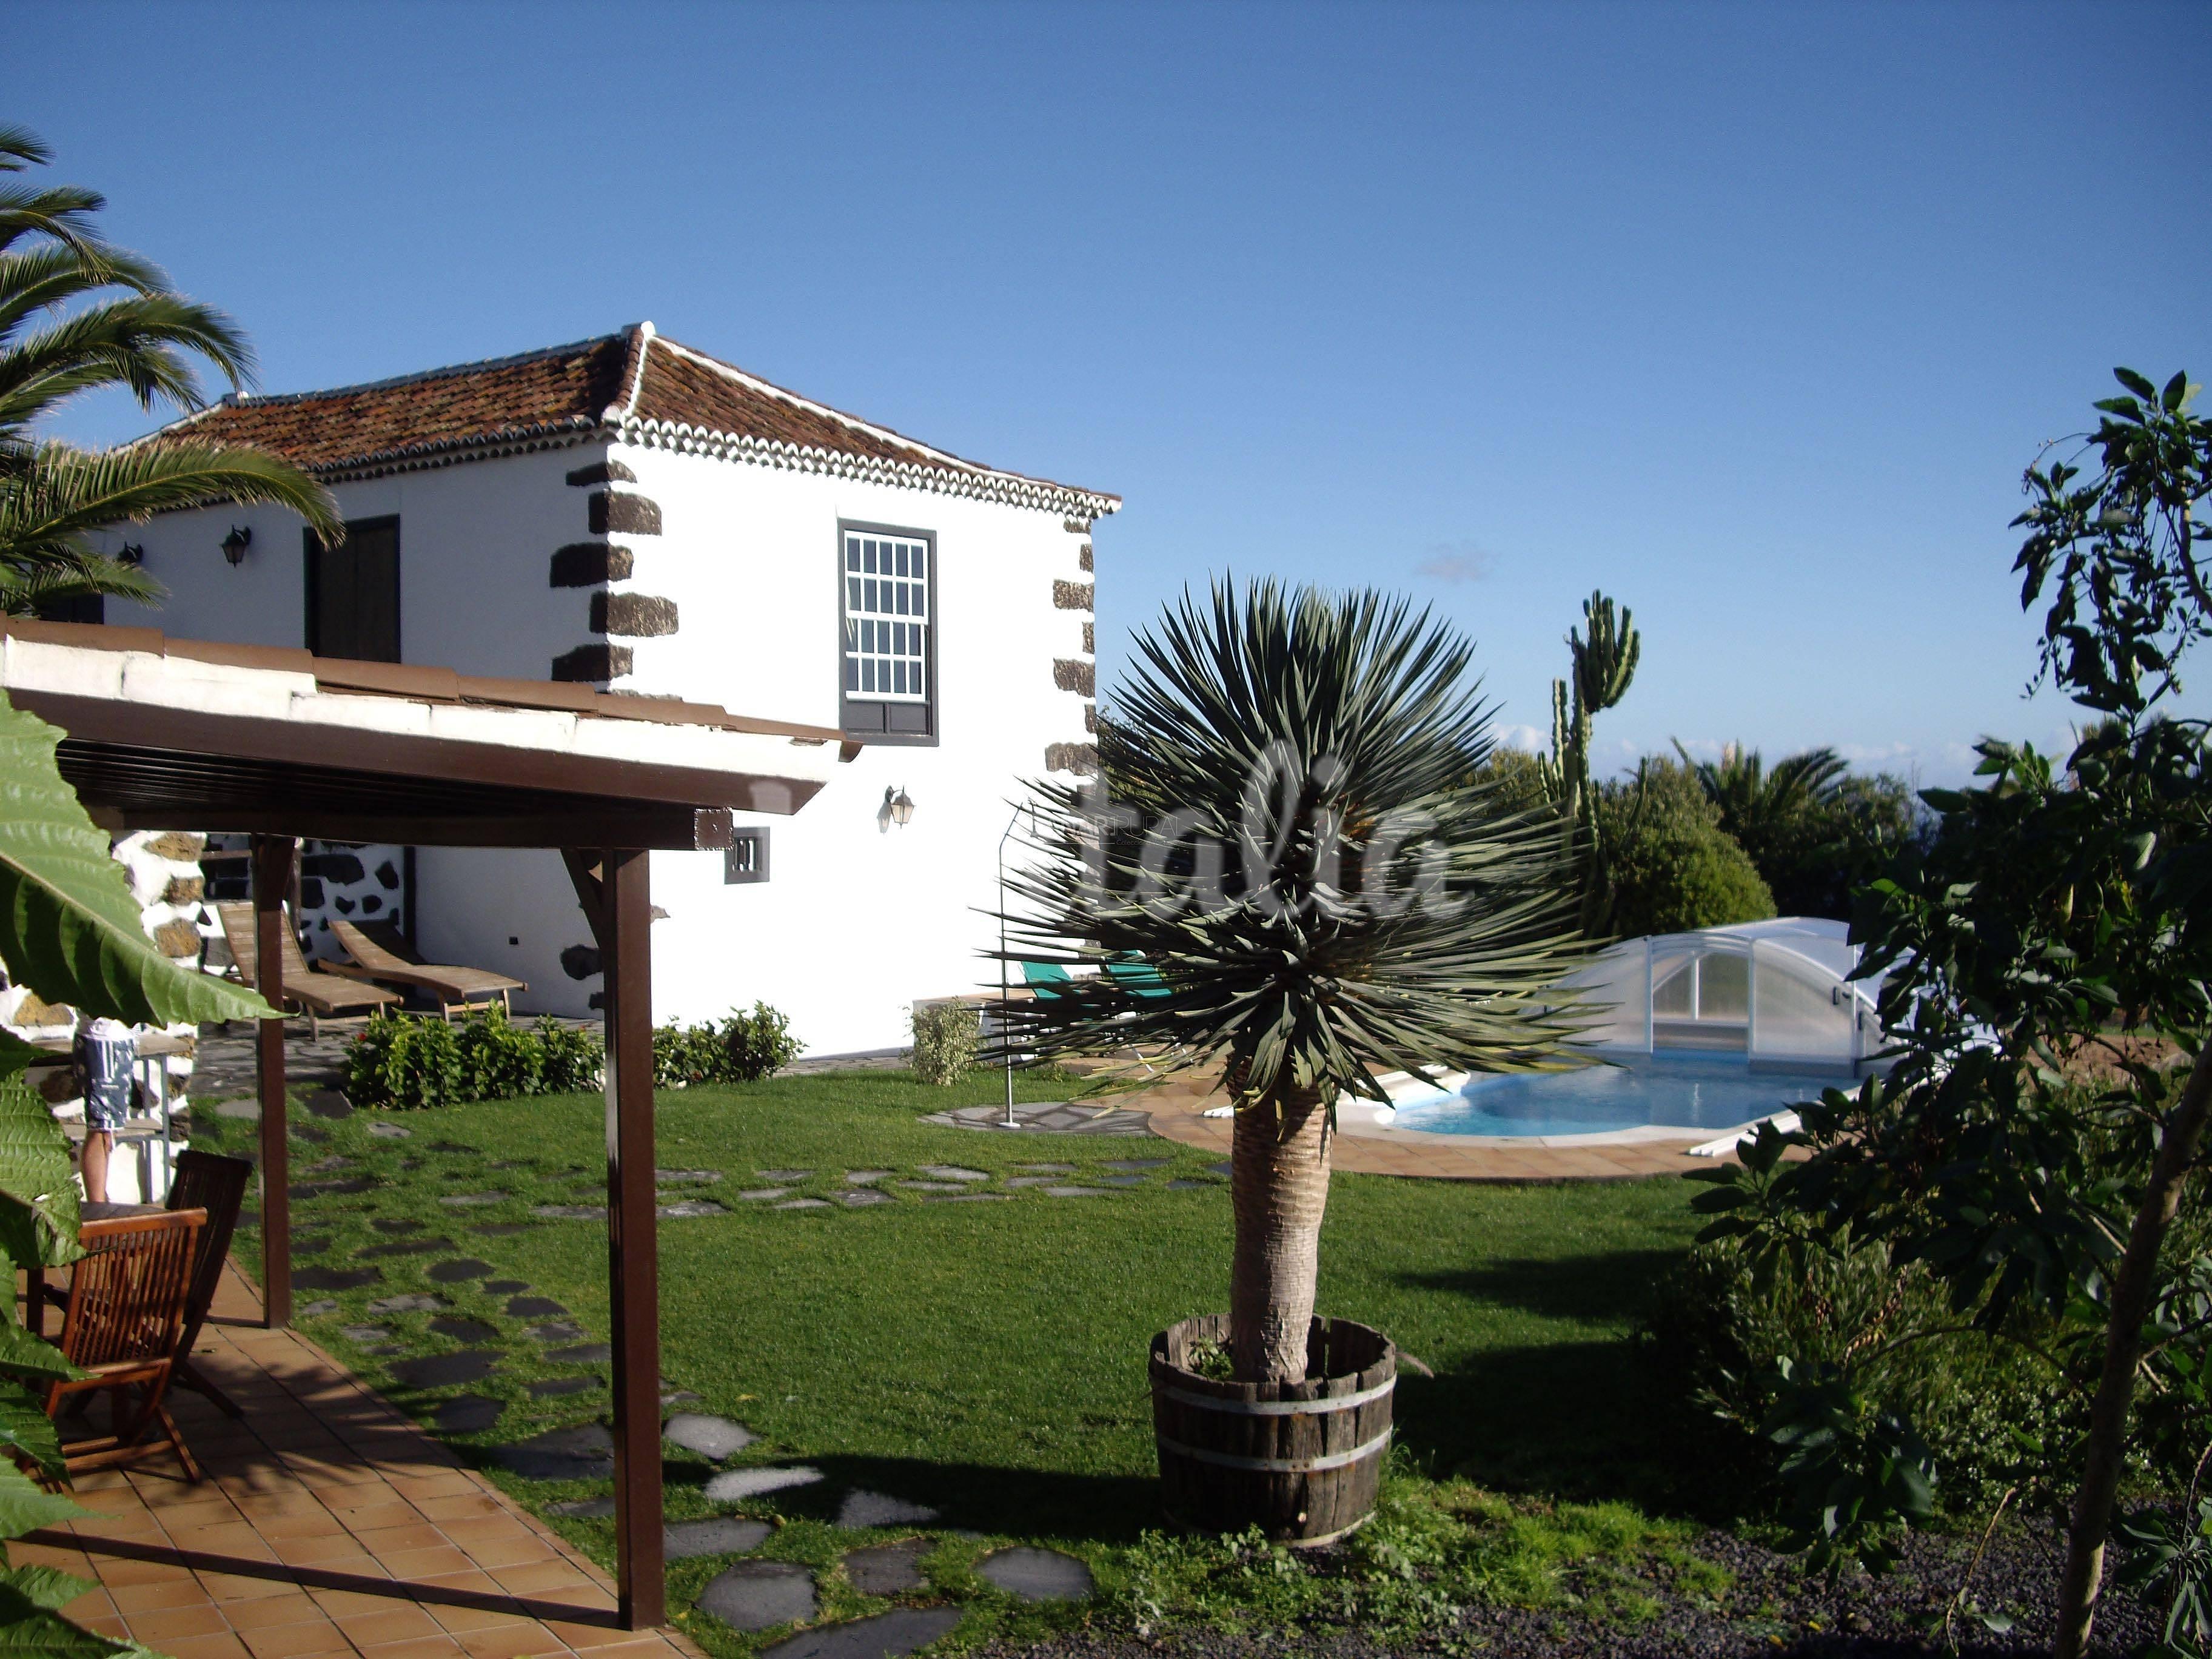 Casa rural posito el pueblo tijarafe la palma - Hotel rural en la palma ...